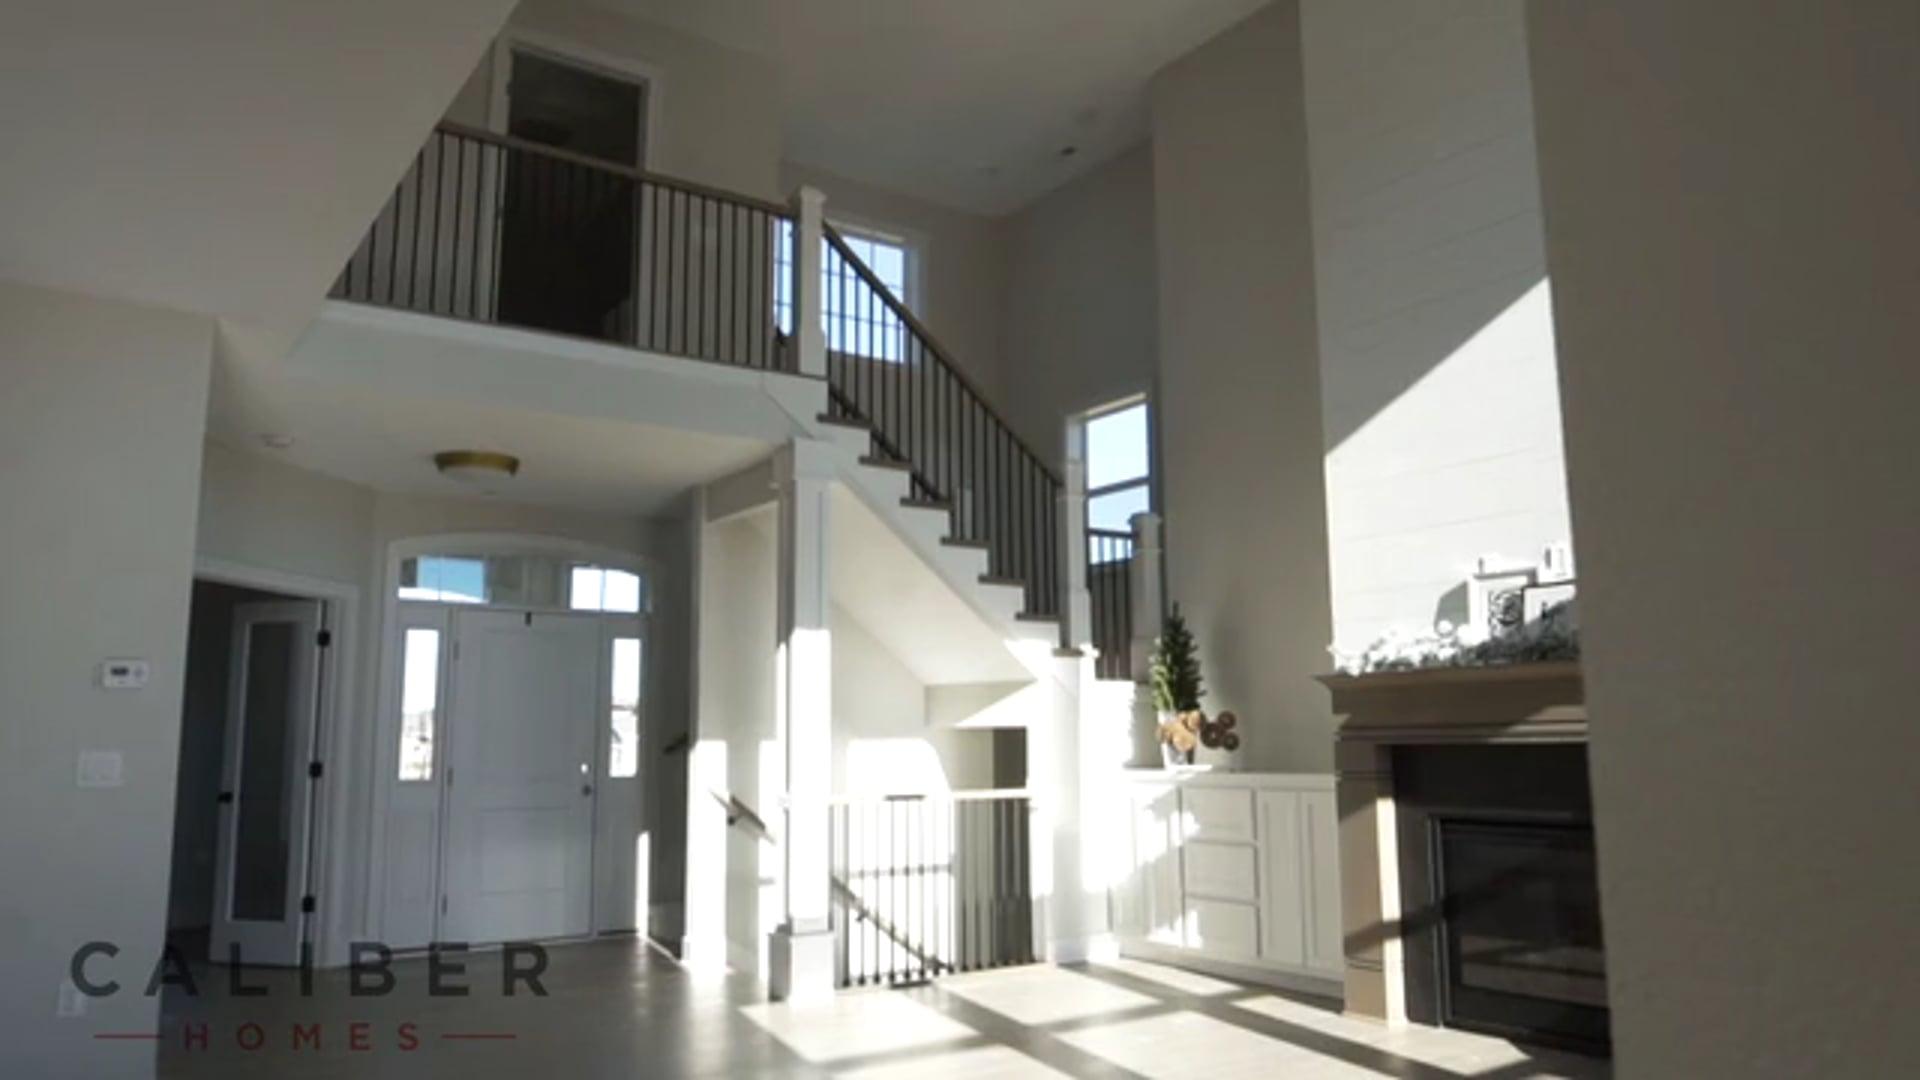 505 Reinhart |  Caliber Homes